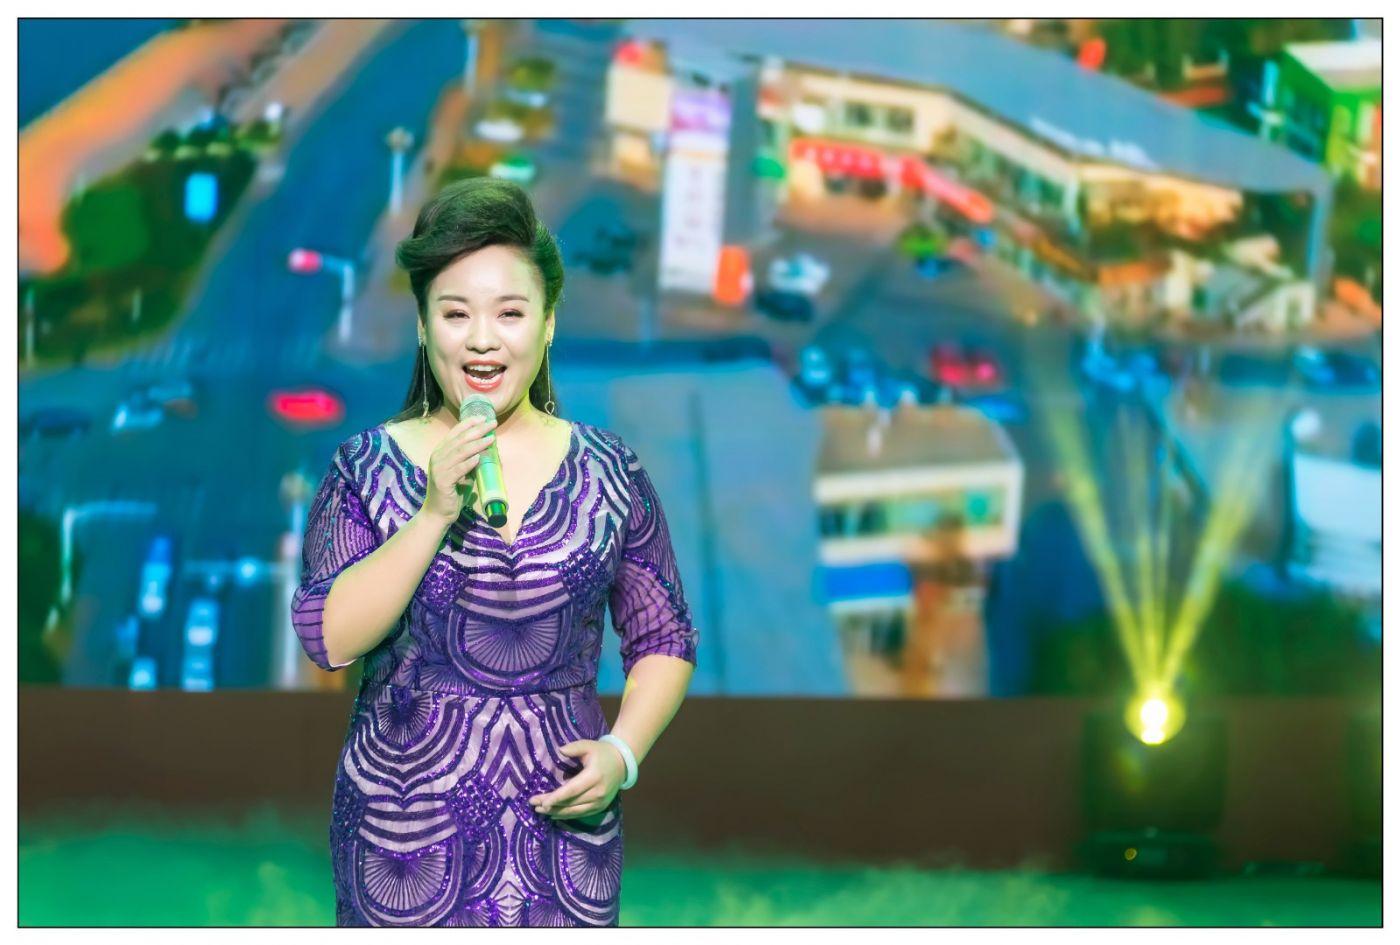 临沂姑娘杨妮妮曾感动春晚总动员 今晚在临沂电视台大放异彩 ..._图1-5